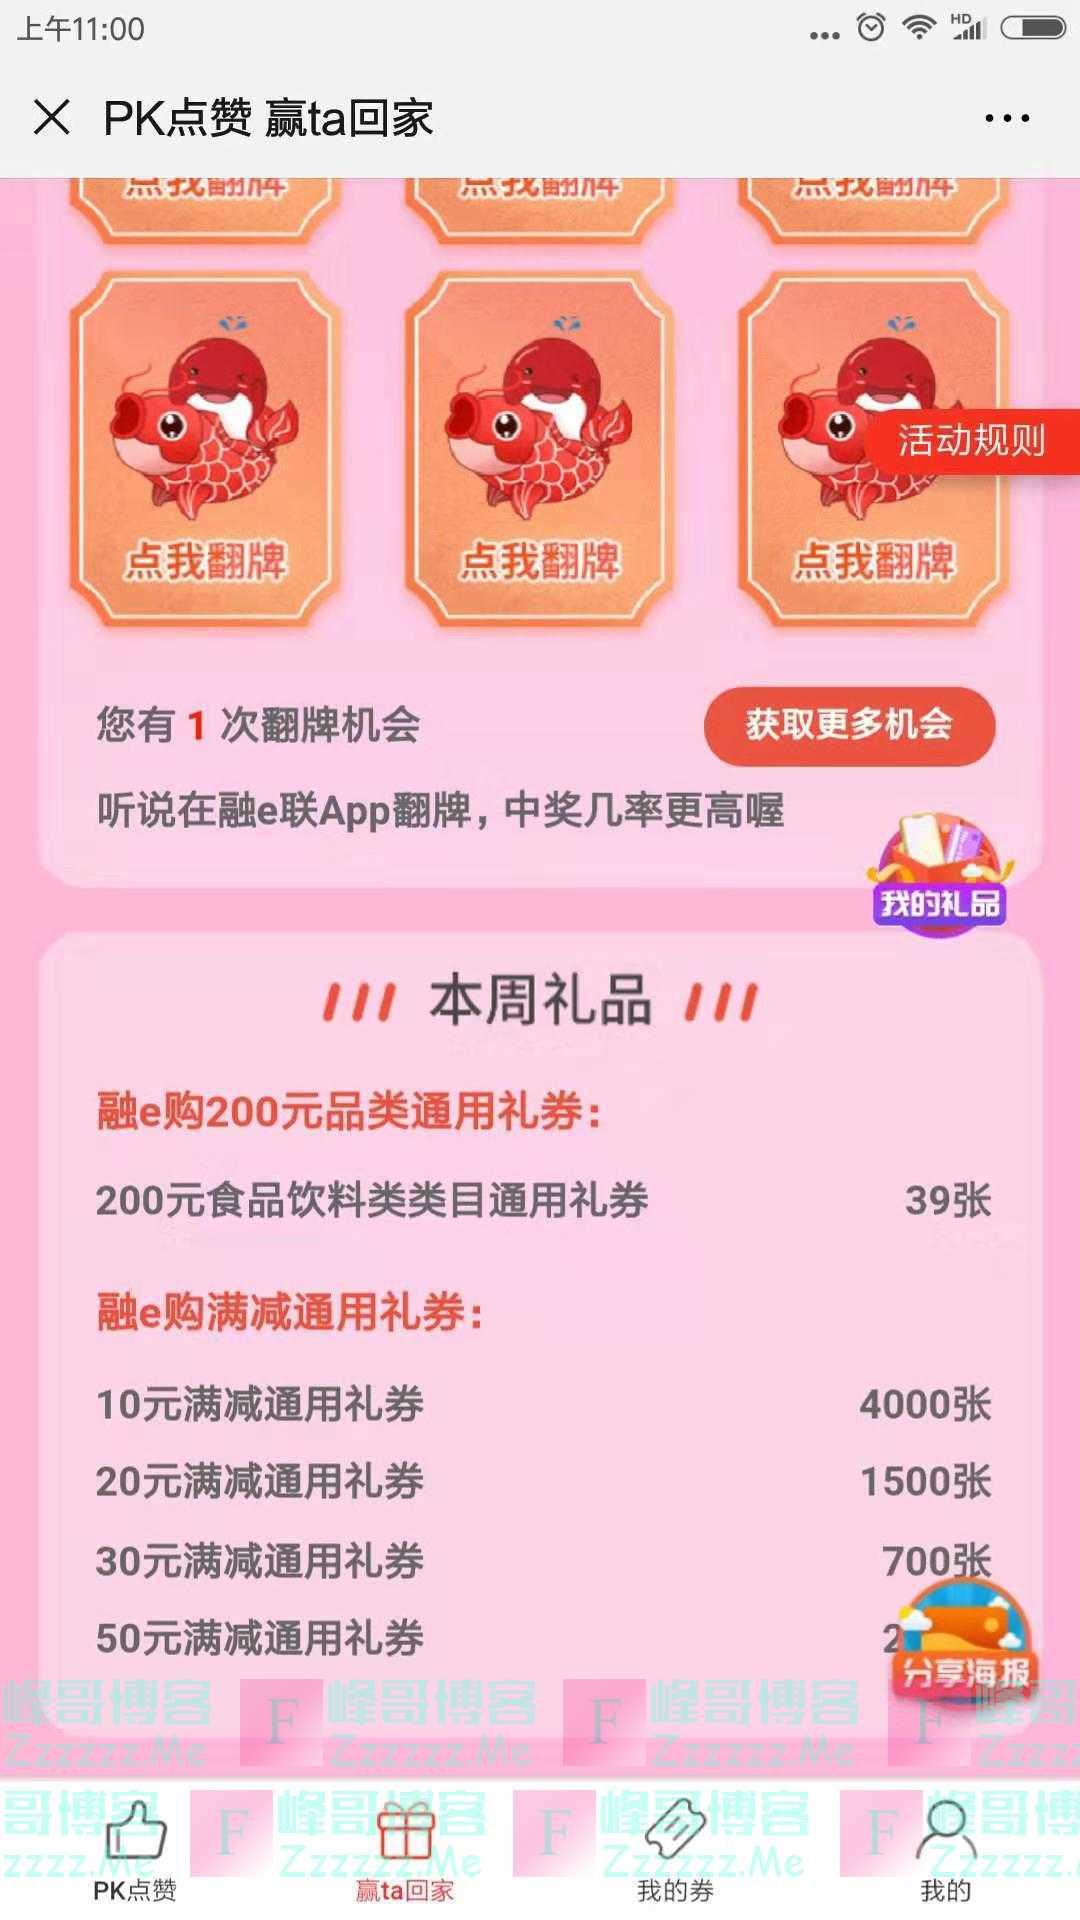 融E购新一期点赞有礼(截止11月17日)